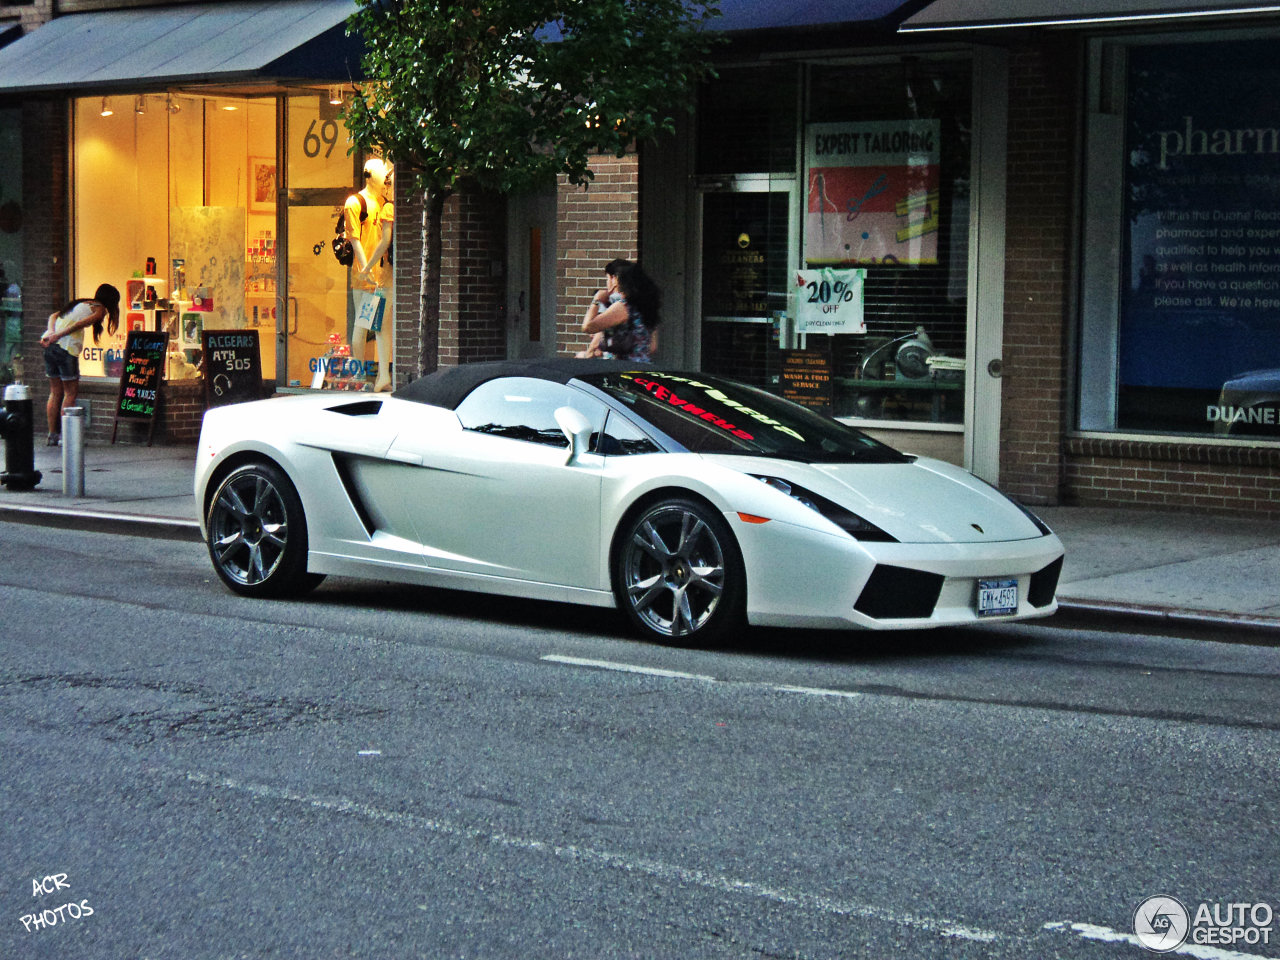 2012 Lamborghini Gallardo | My Car |Lamborghini Gallardo Spyder 2012